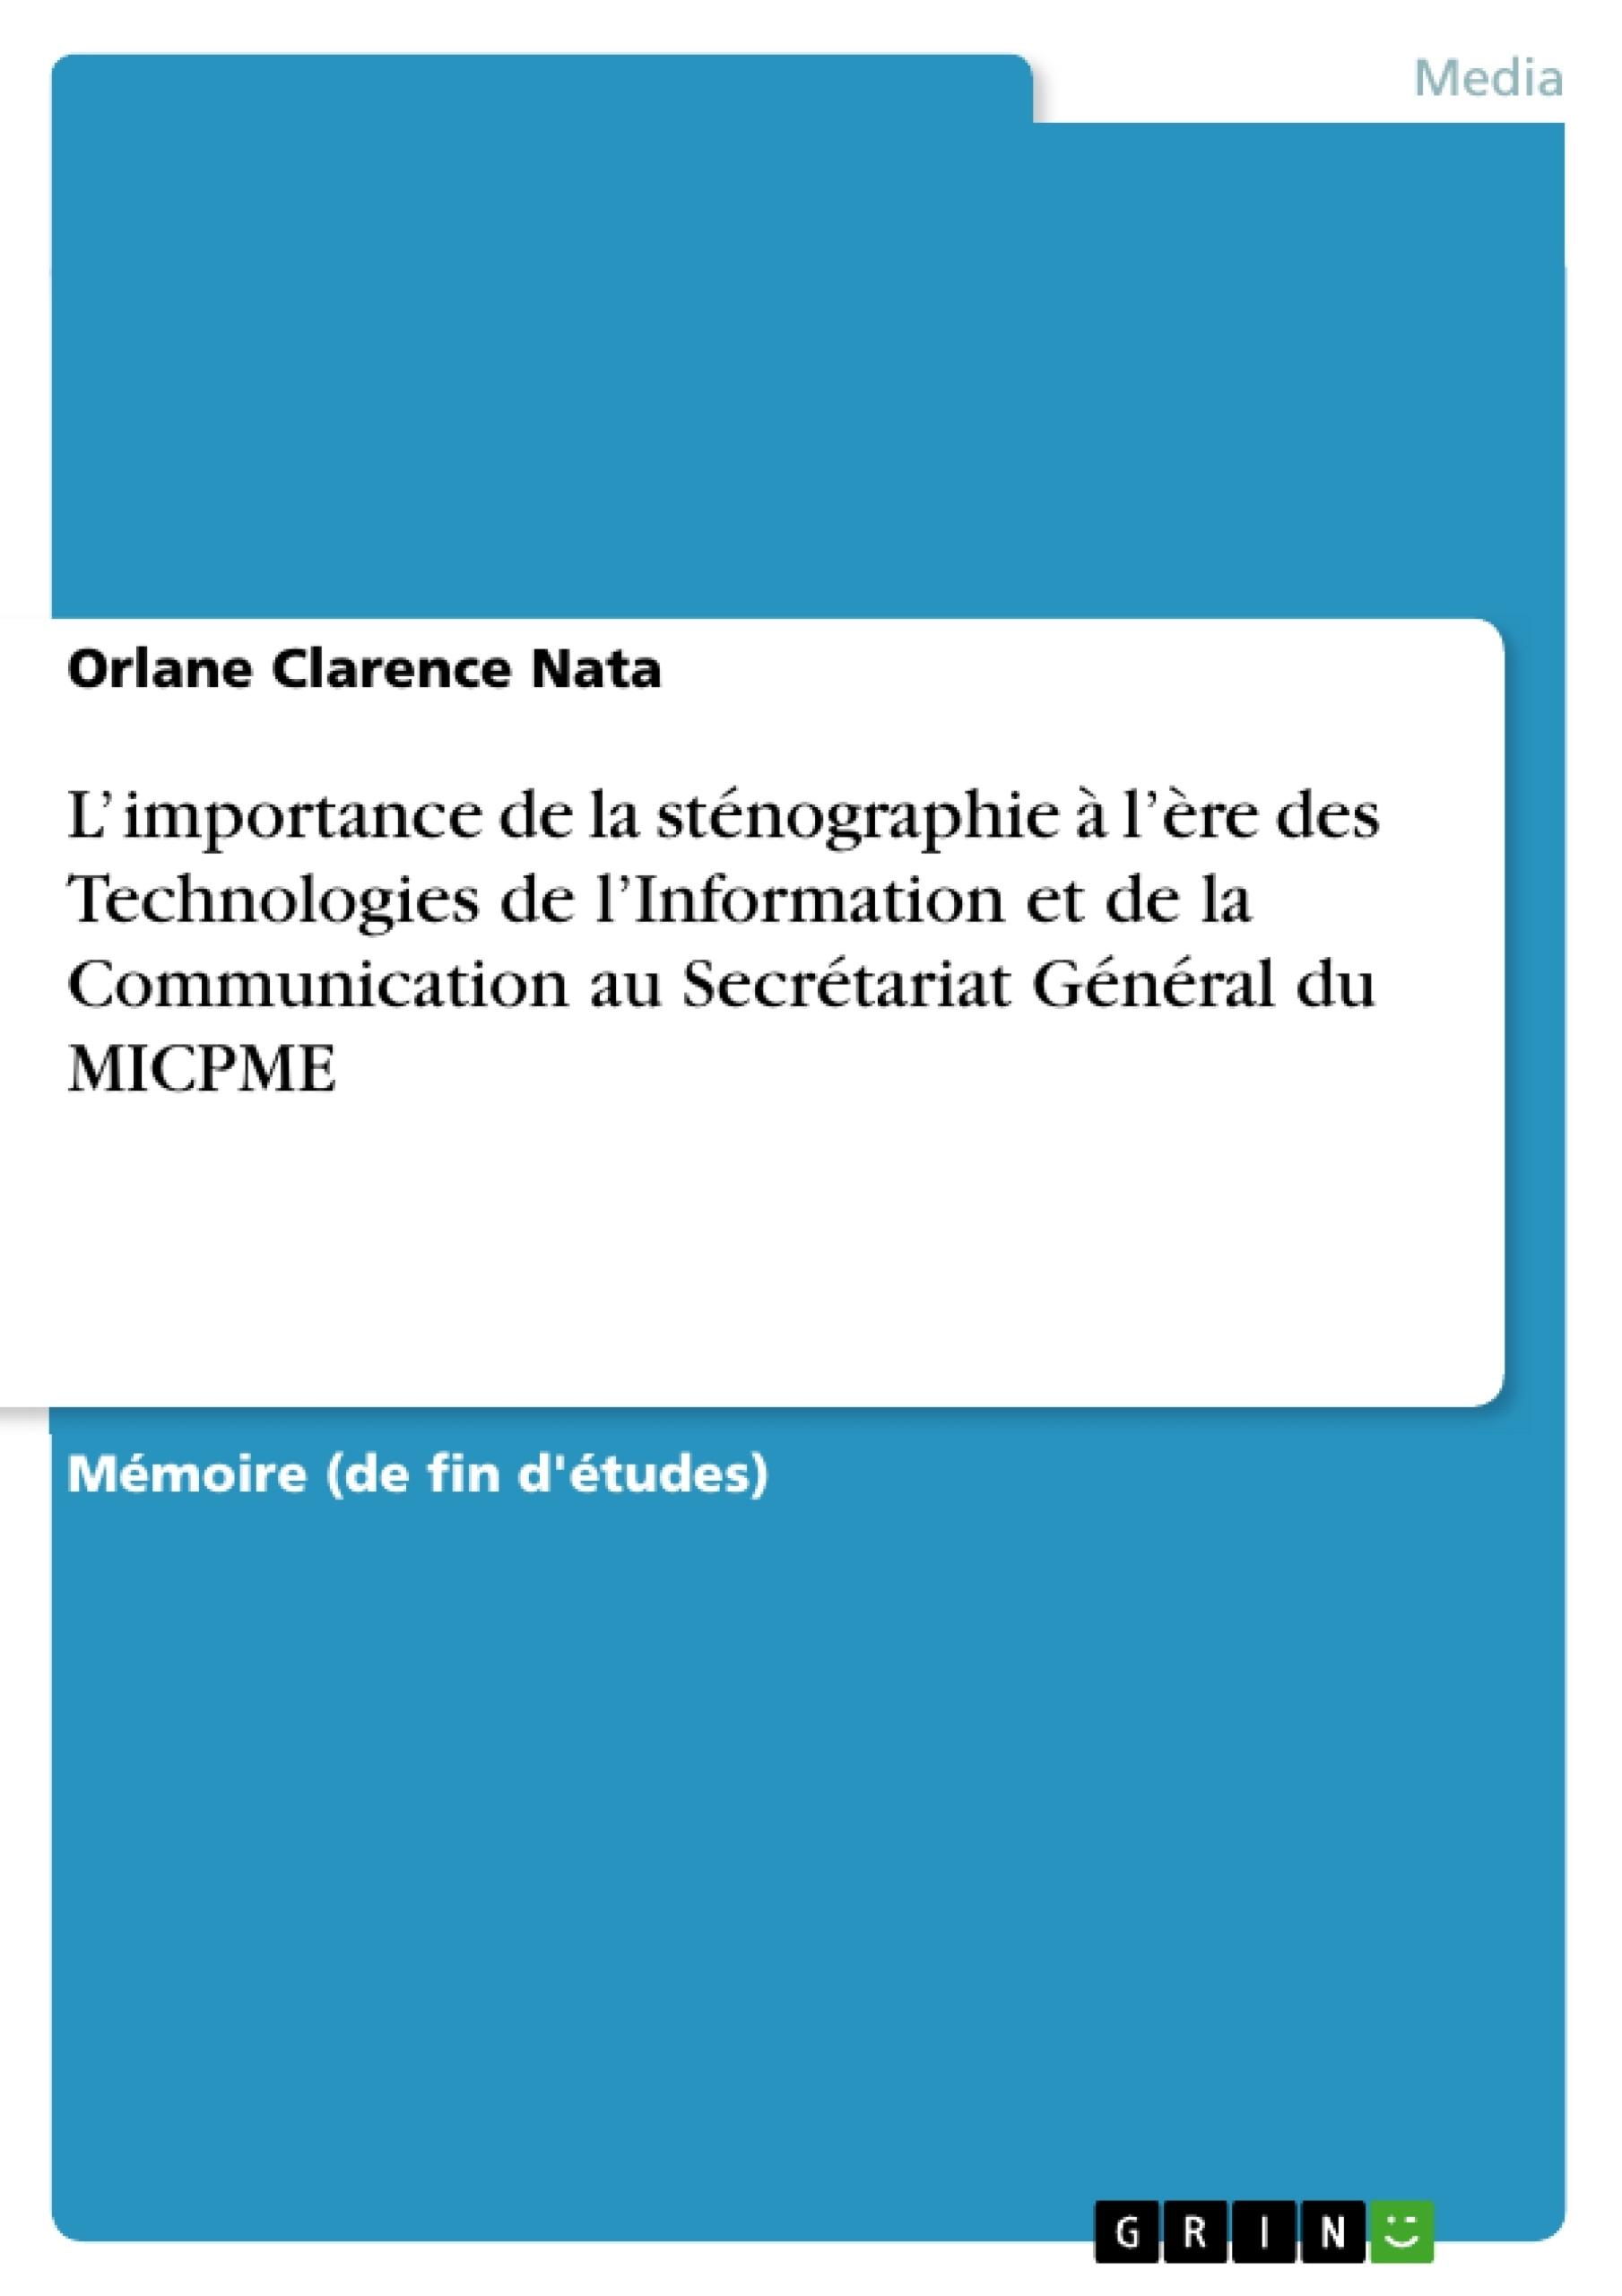 Titre: L' importance de la sténographie à l'ère des Technologies de l'Information et de la Communication au Secrétariat Général du MICPME